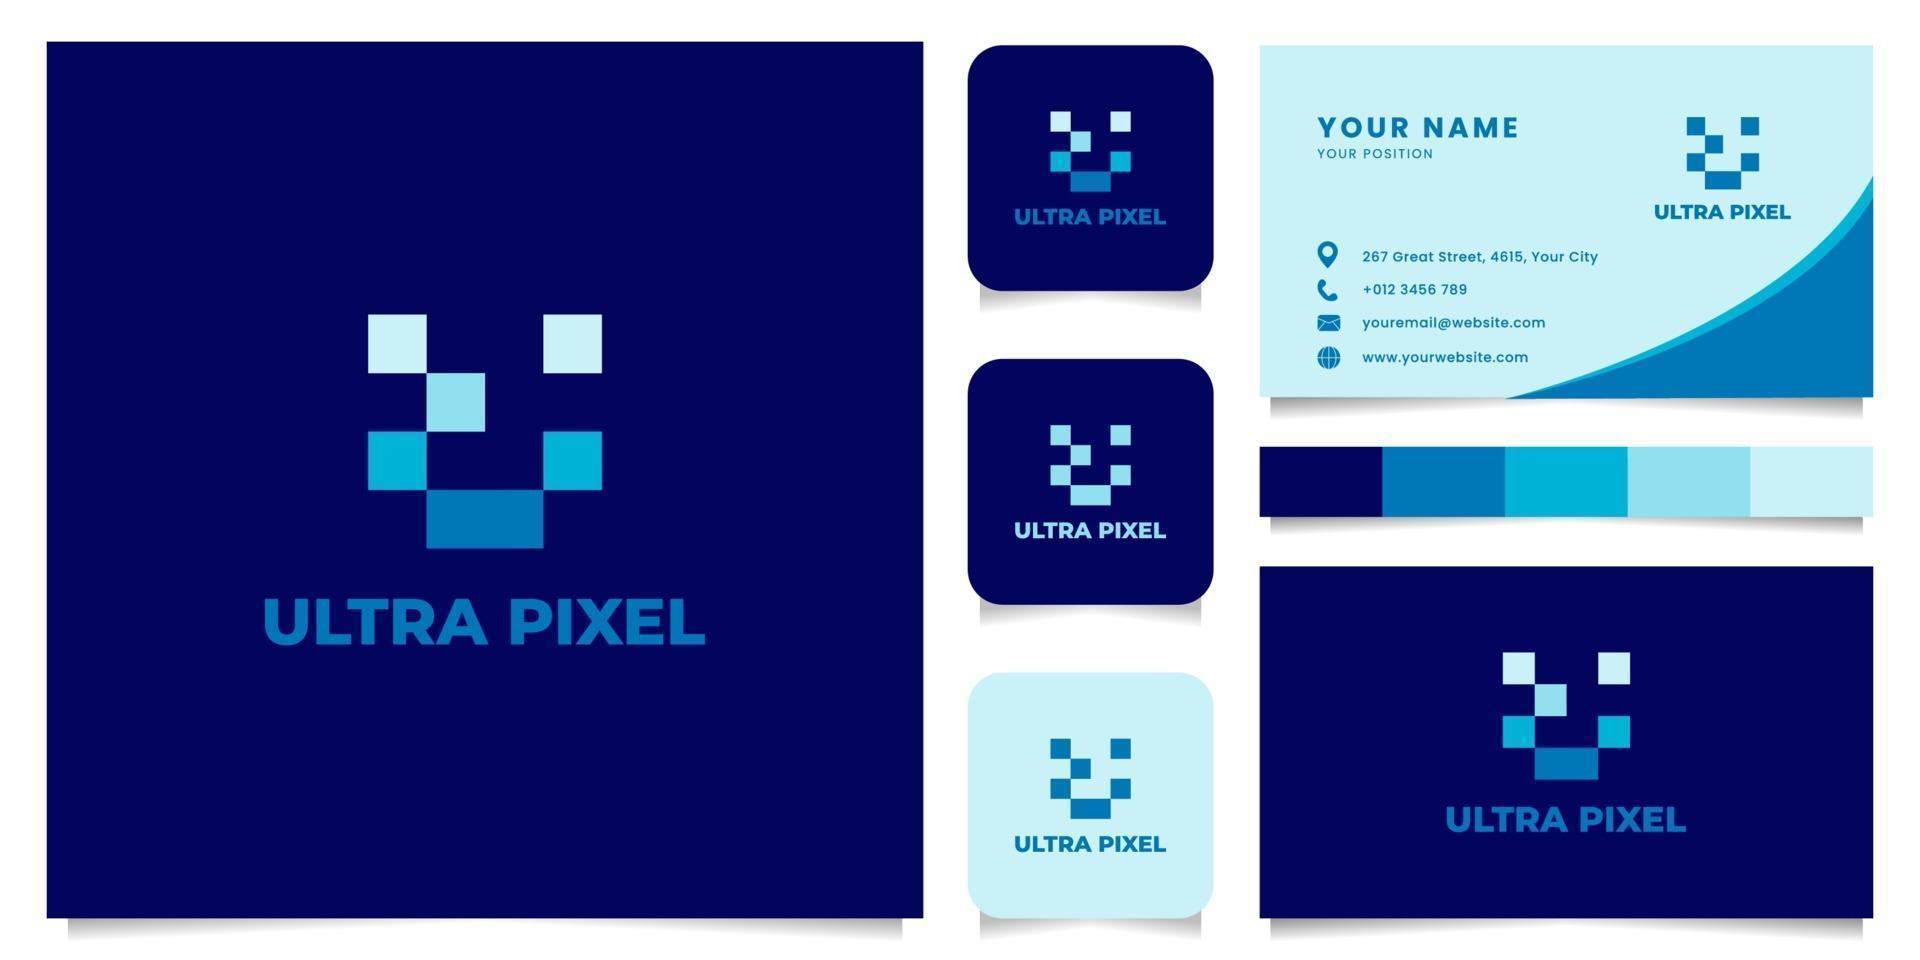 letter u pixel logo met sjabloon voor visitekaartjes vector